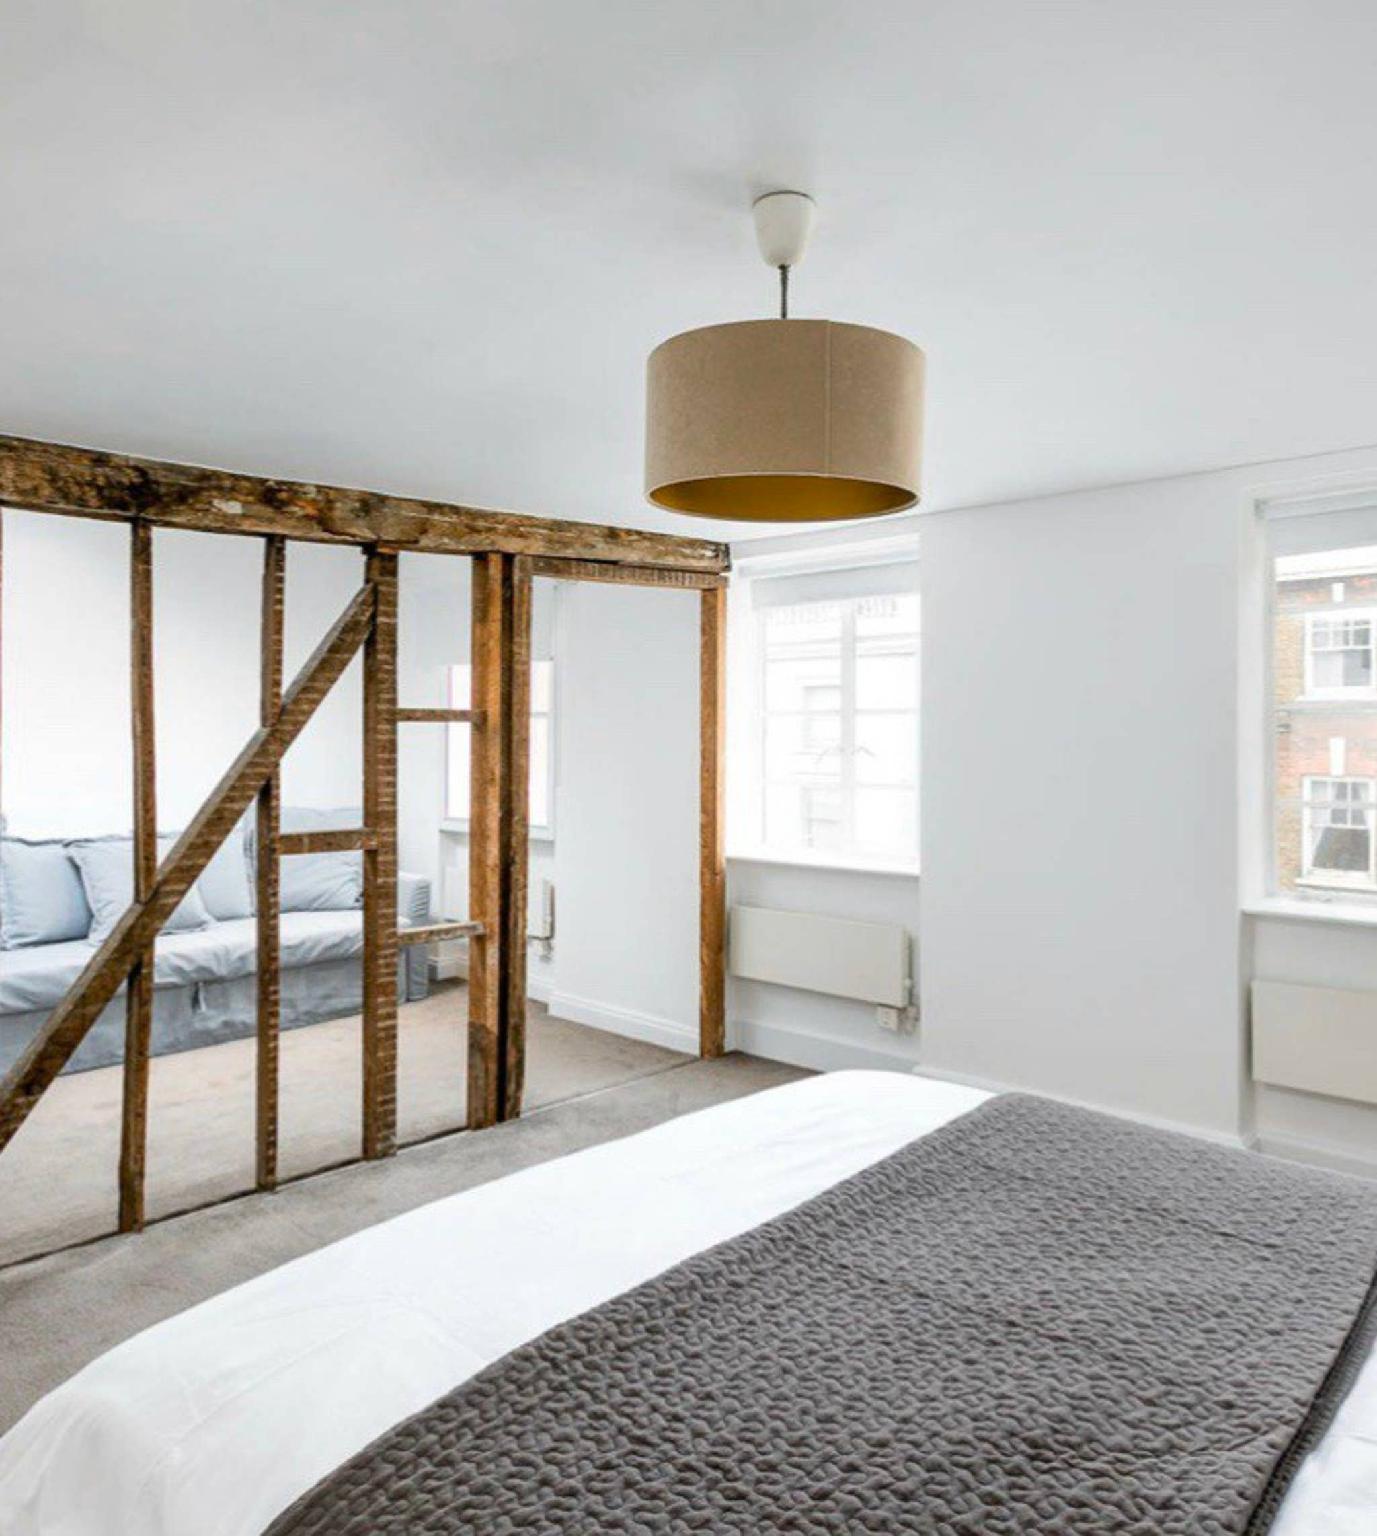 Rustic 2 Bed Maisonette Over 3 Floors In Goodge St